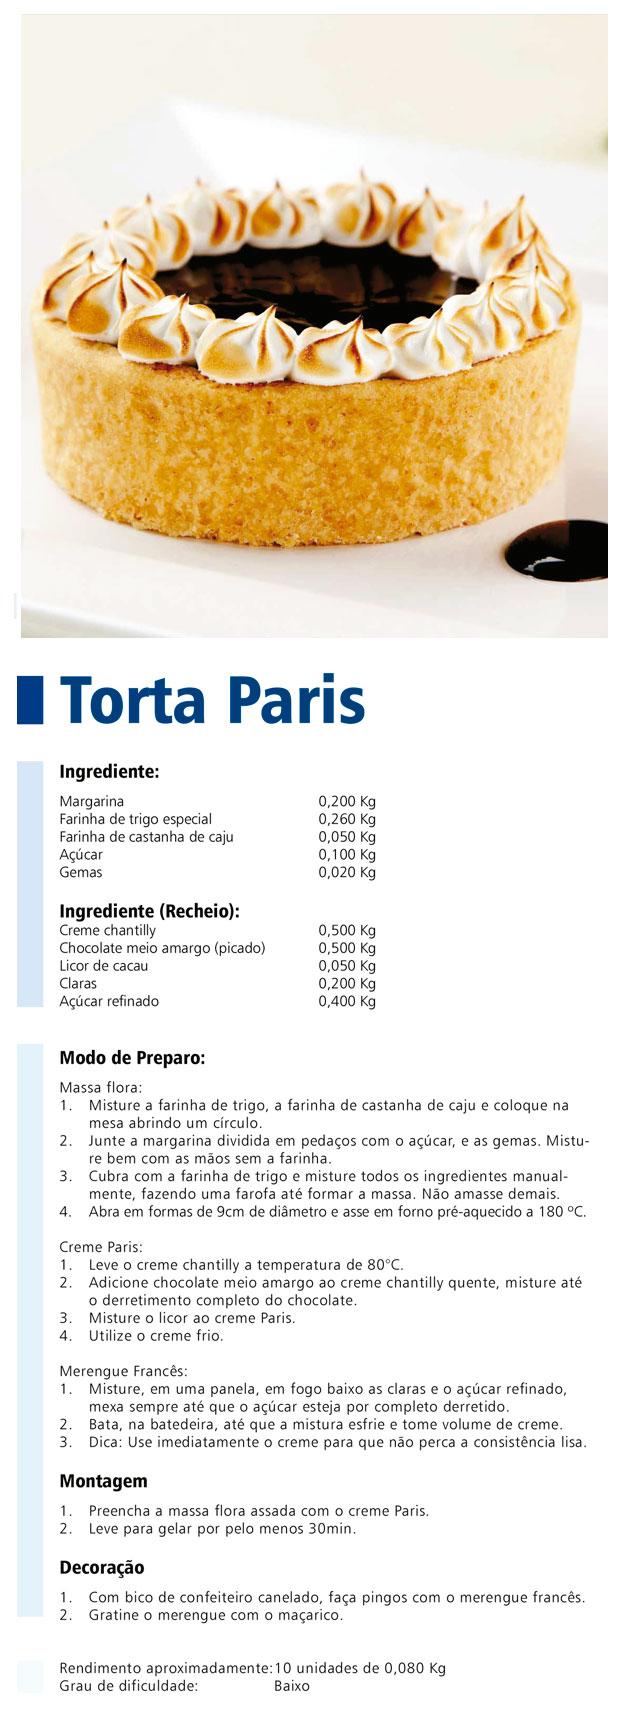 torta-de-paris